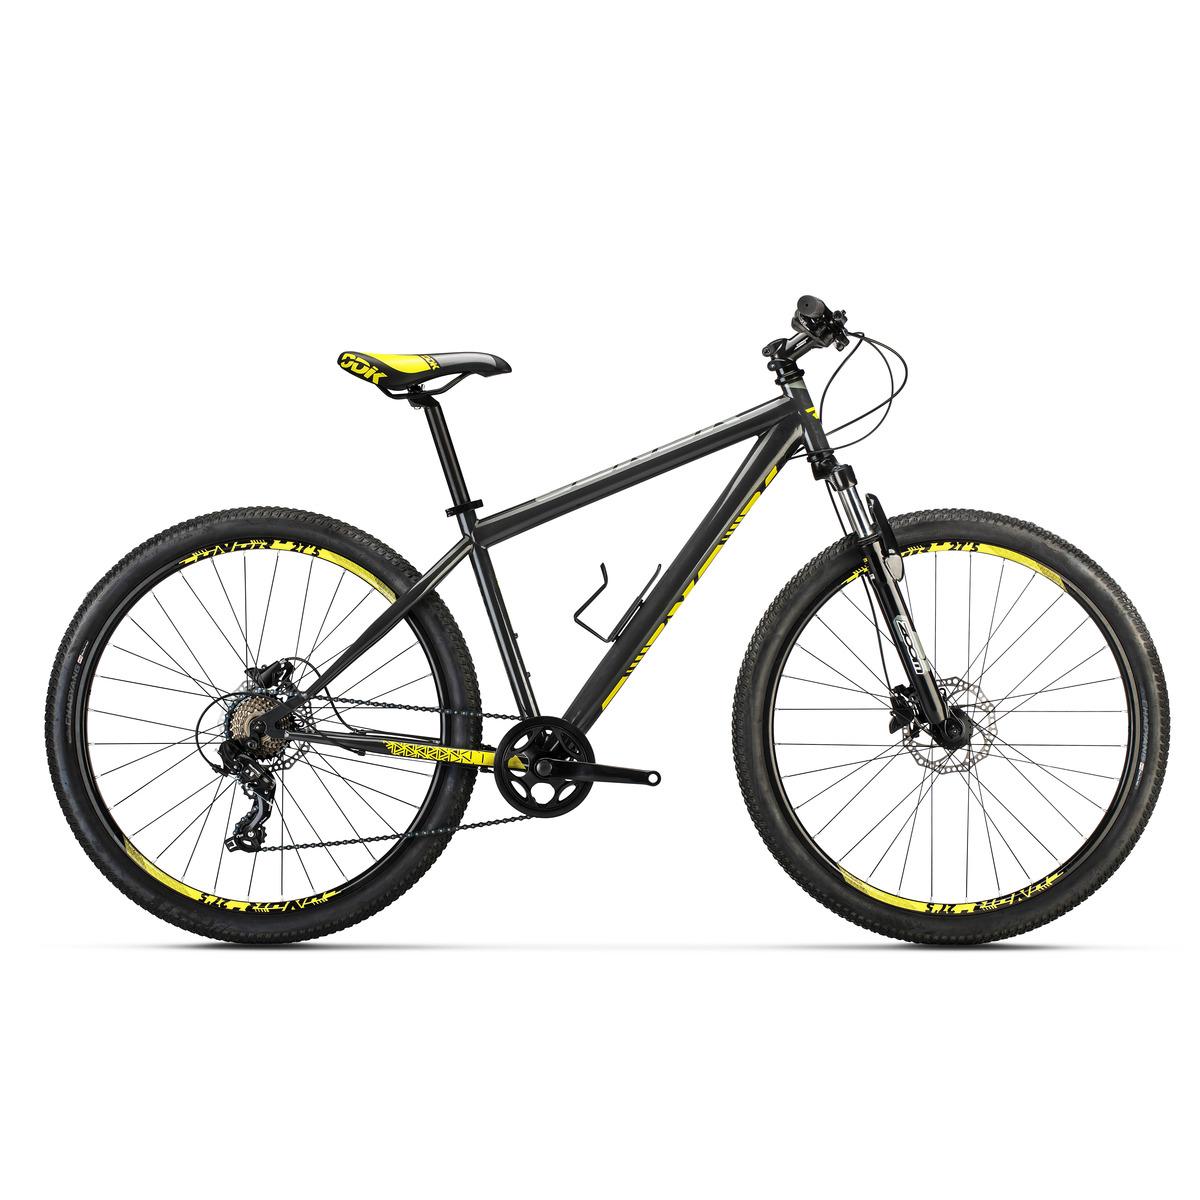 Oferta de bicicletas en El Corte ingles